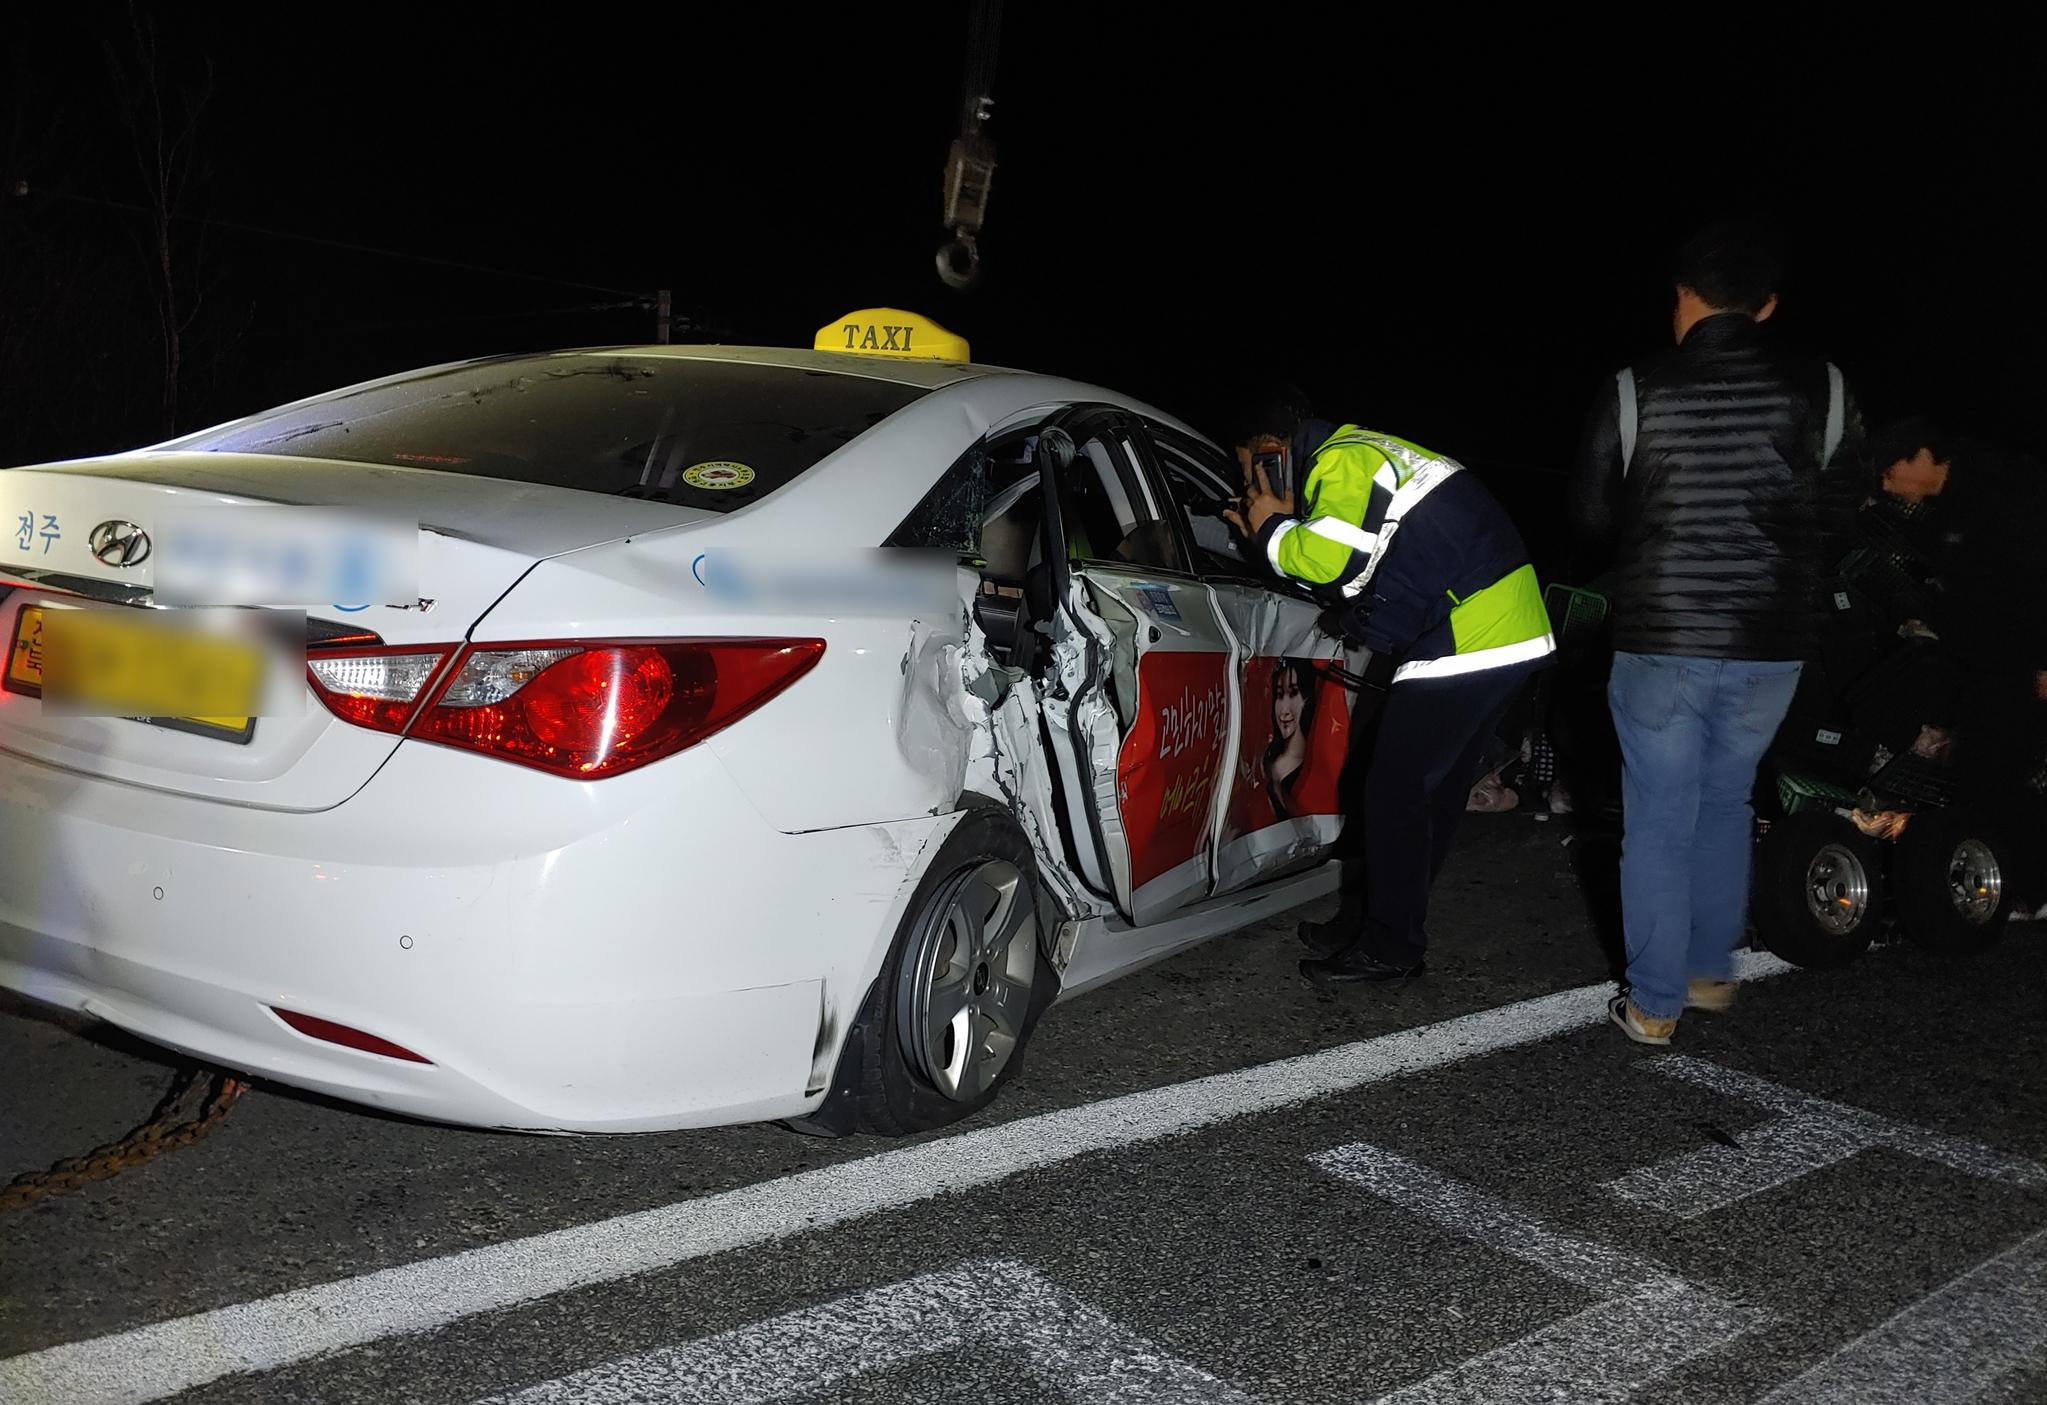 충남 논산시 벌곡면 호남고속도로 상행선에서 택시와 3.5톤 트럭이 충돌하는 사고가 발생해 경찰이 현장을 수습하고 있다. 연합뉴스